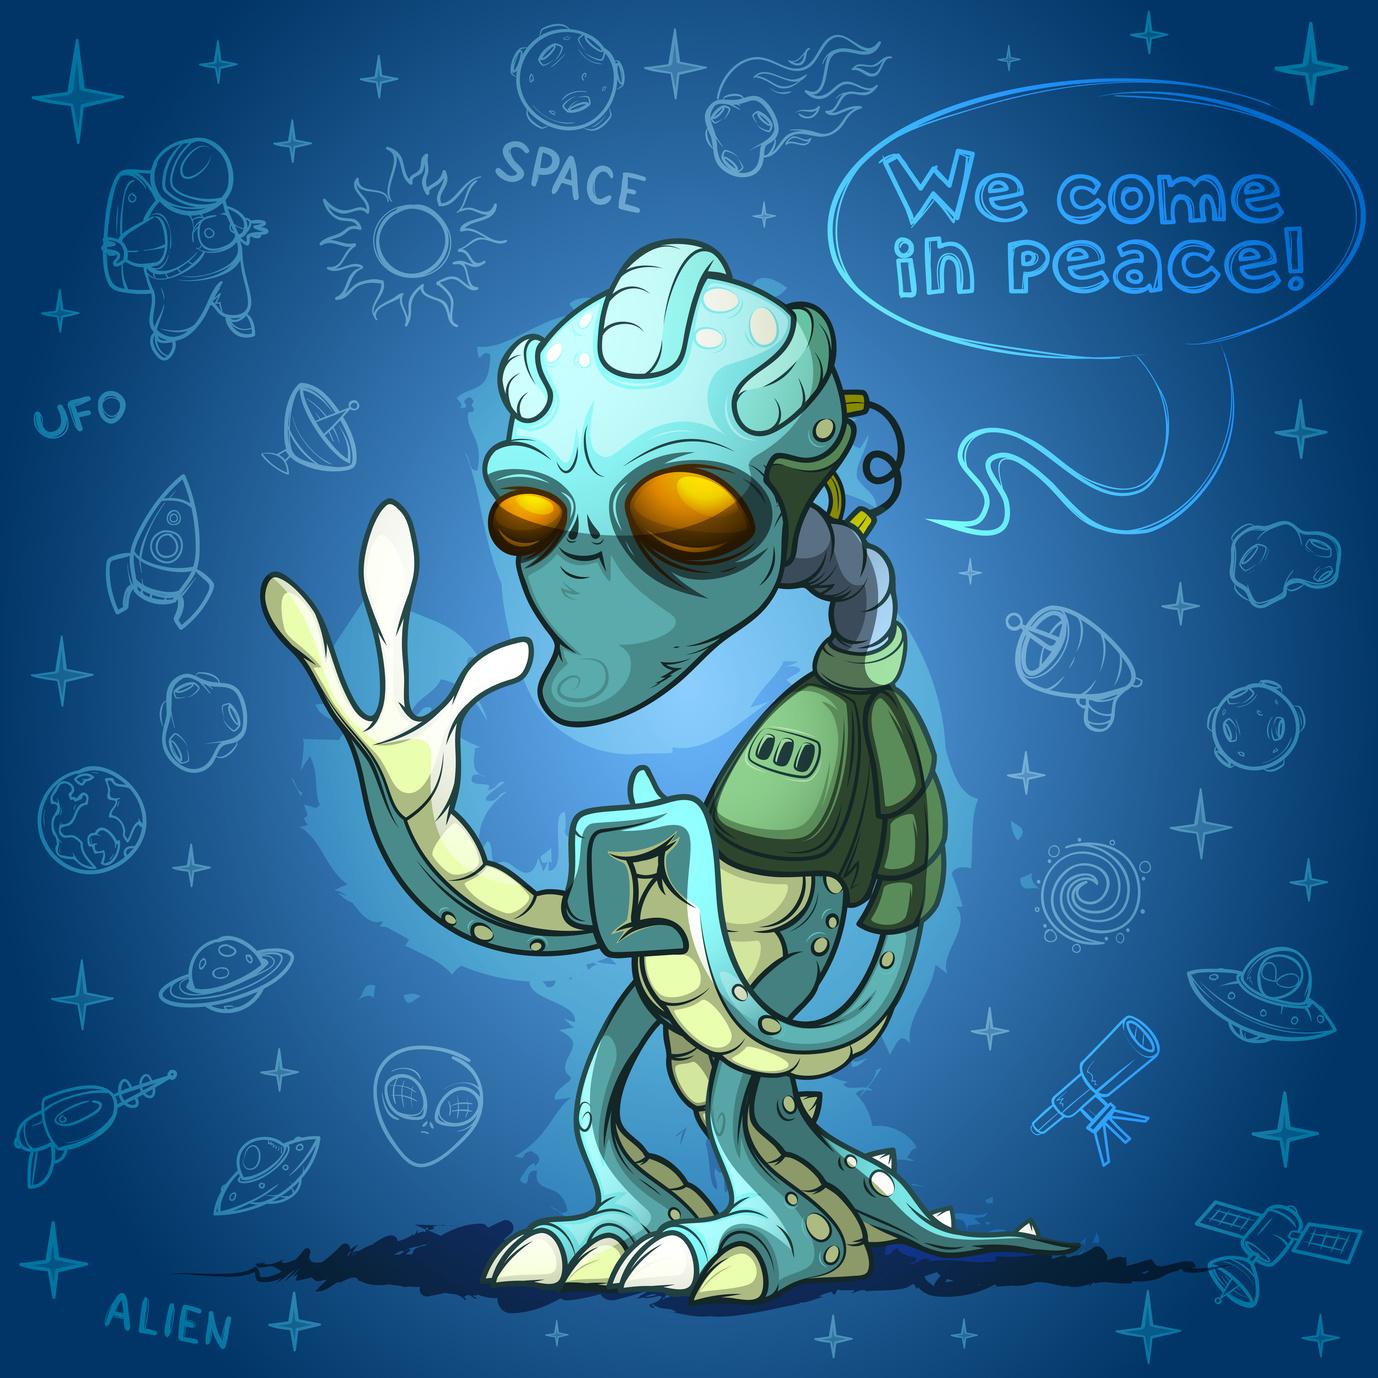 A Trippy Alien Poster